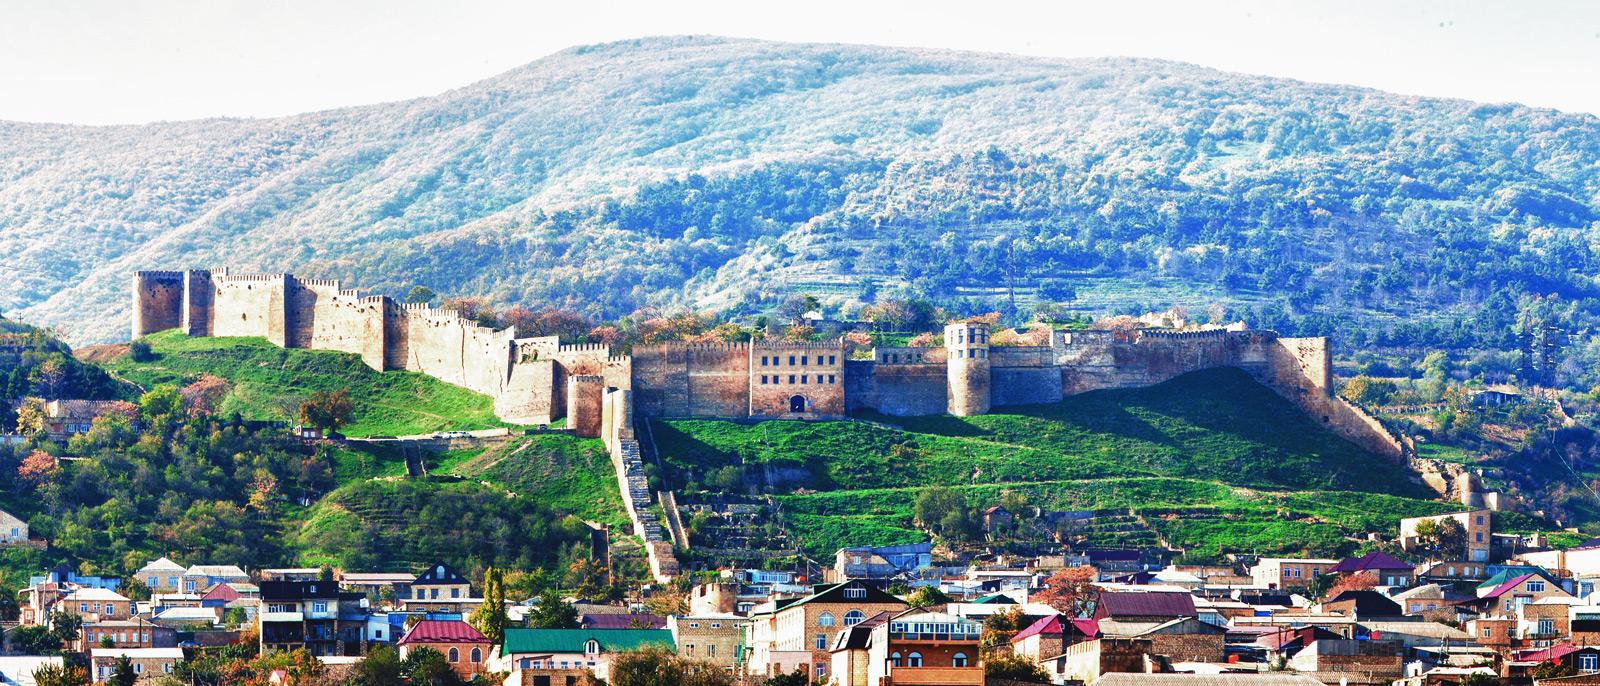 4 Замок в средневековой Румынии? Да нет же! Это крепость Нарын-кала в городе Дербент, Дагестан. Инте